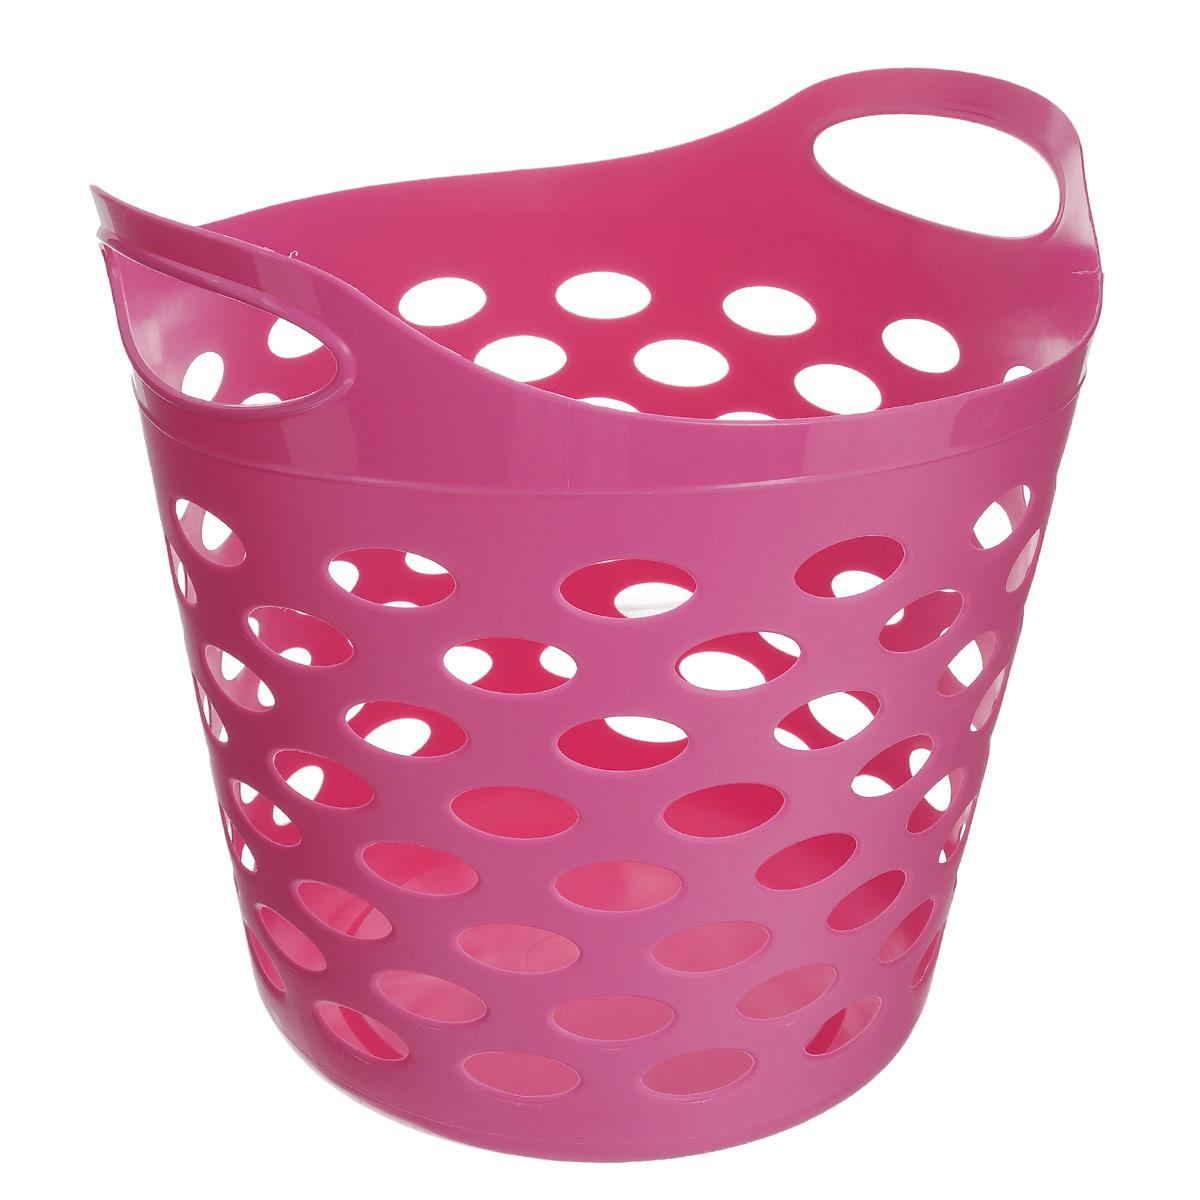 Корзина универсальная Gensini, цвет: розовый, 32 лS03301004Универсальная корзина Gensini отлично подойдет для хранения белья перед стиркой, игрушек и других вещей. Она выполнена из высококачественного мягкого пластика и оснащена двумя удобными ручками для переноски. Современный дизайн корзины позволит ей вписаться в любой интерьер, а благодаря своим компактным размерам она не займет много места. Диаметр корзины (без учета ручек): 37 см. Высота корзины (без учета ручек): 31 см. Высота корзины (с учетом ручек): 38 см. Объем корзины: 32 л.